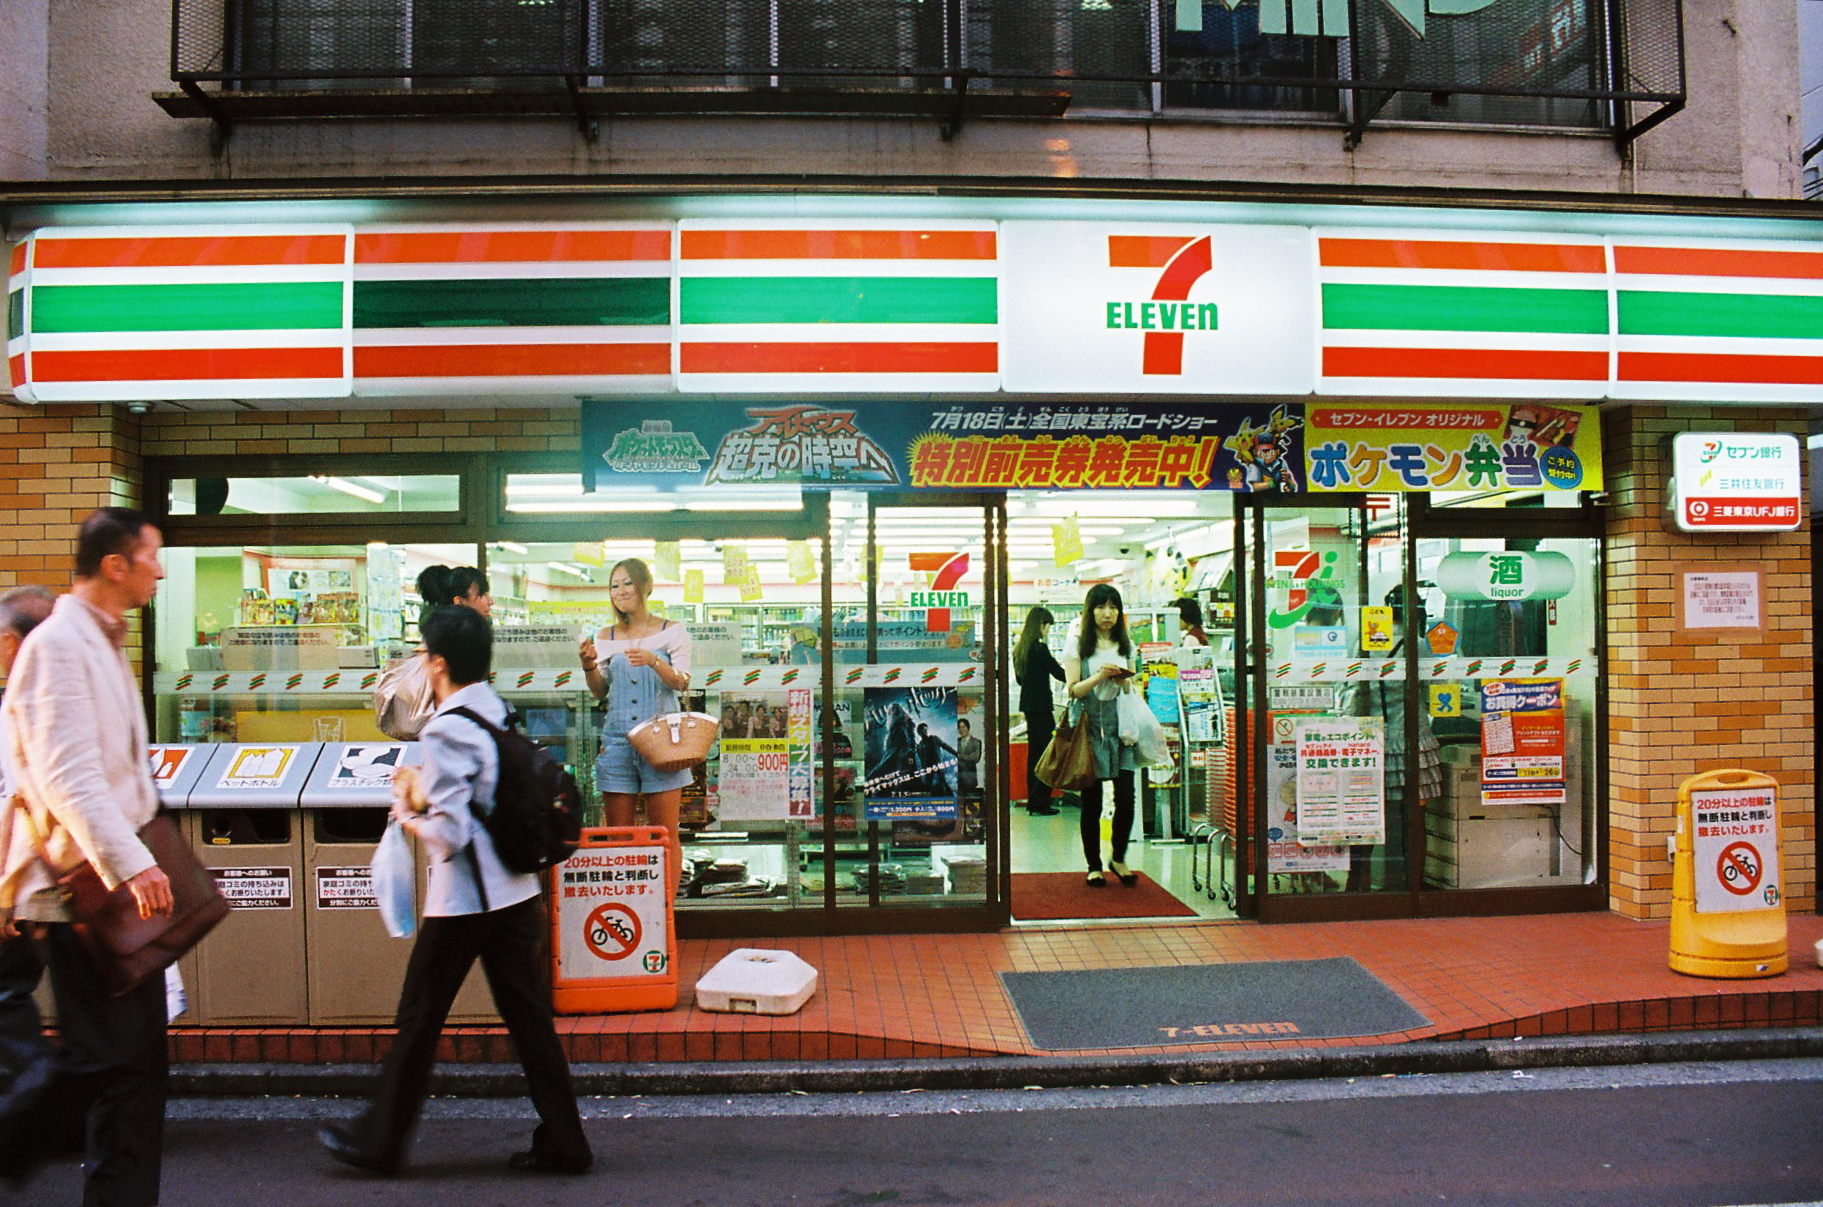 Seven Eleven Japan Film